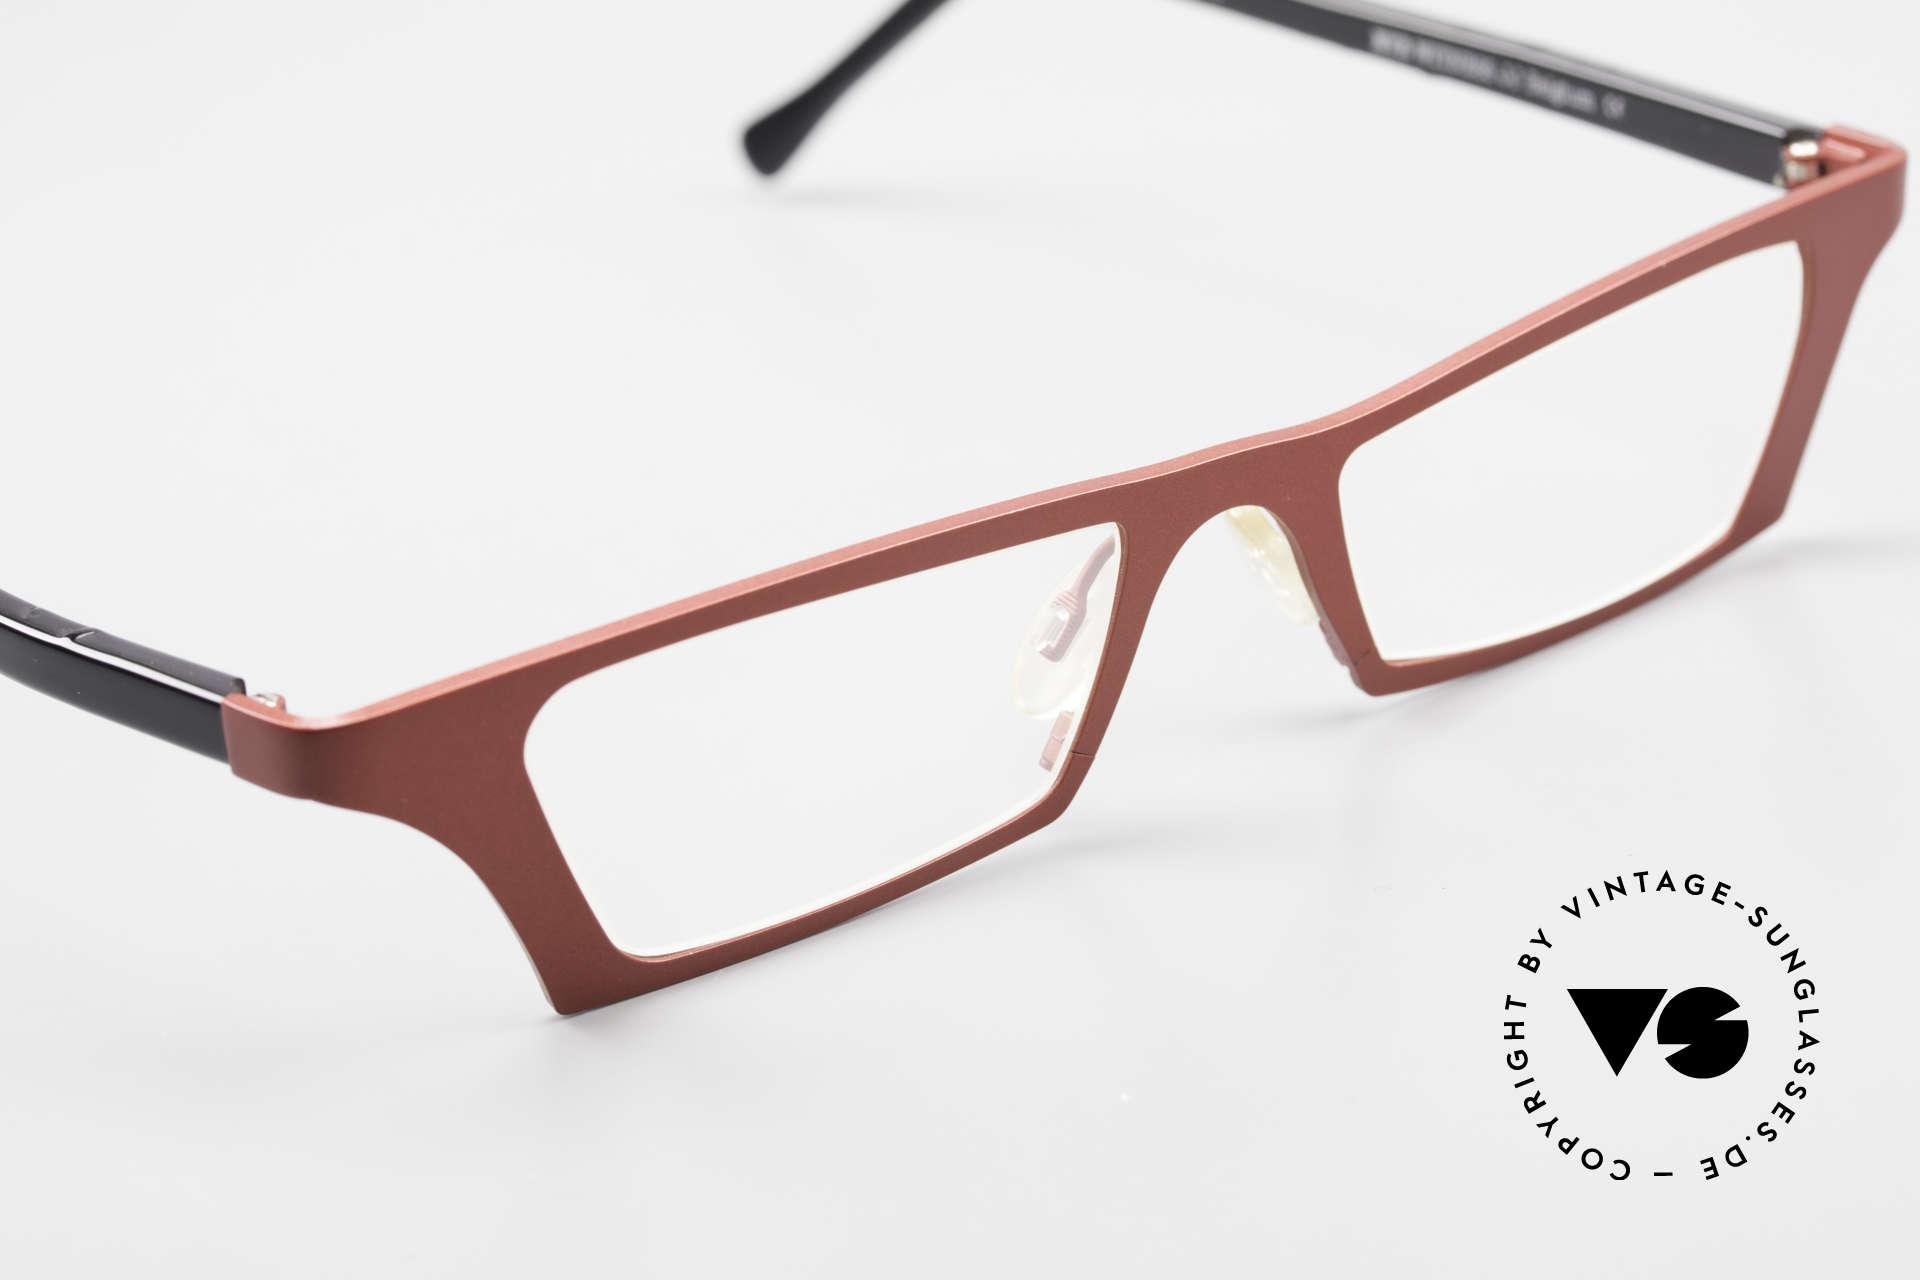 Theo Belgium Eye-Witness JJ Damenbrille Pure Titanium, sozusagen: vintage Brillenfassung mit Symbol-Charakter, Passend für Damen